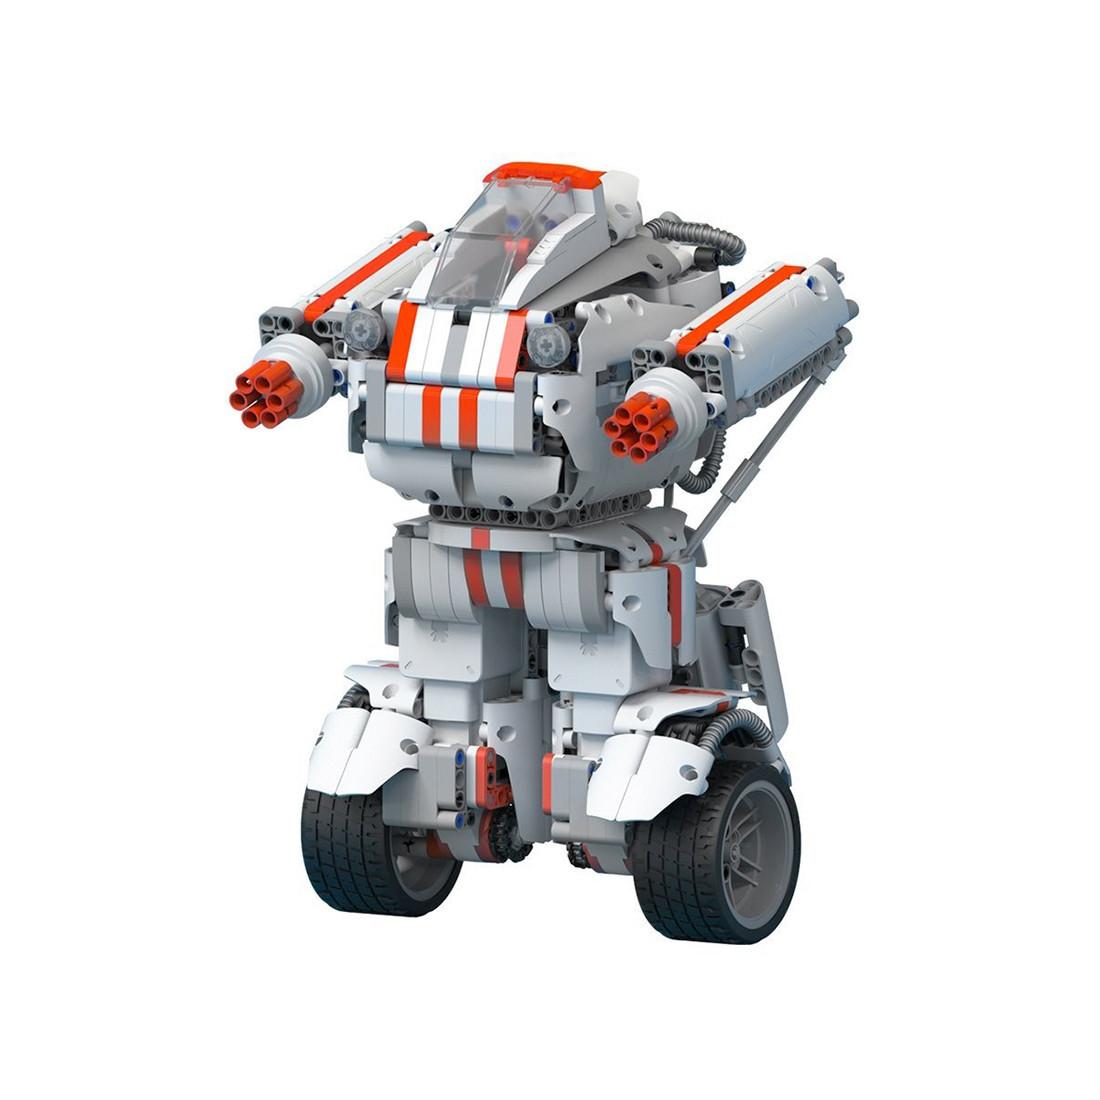 Игрушка трансформер Xiaomi Mi Bunny Building Block Robot, Управление: Смартфон Bluetooth, Трансформации: Робот